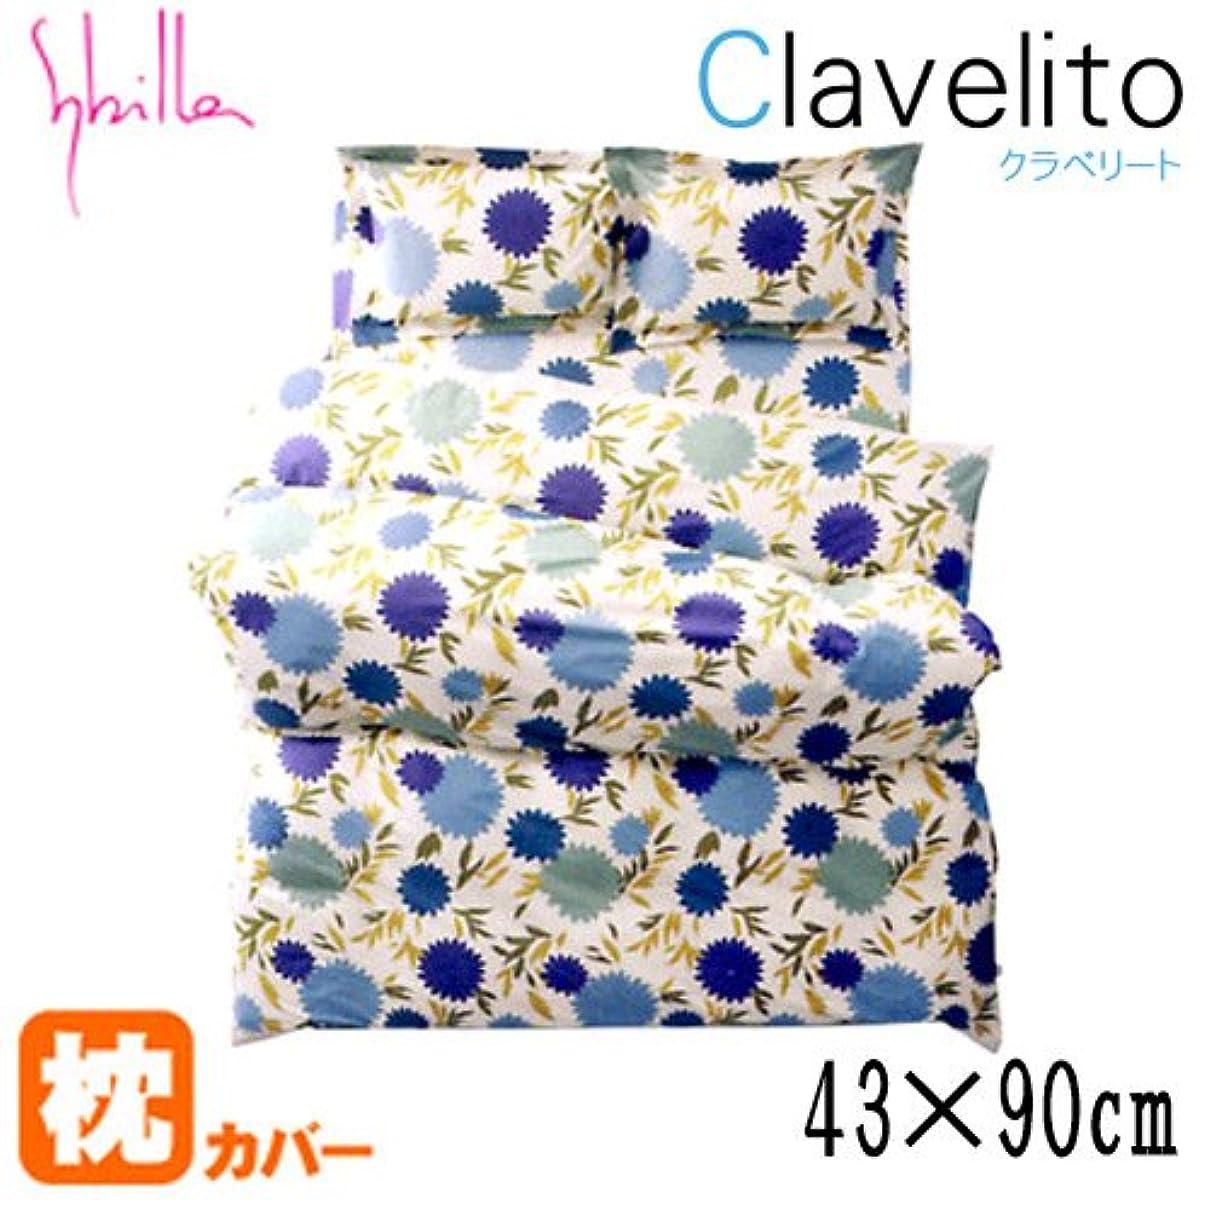 選択するウェイド株式会社【 Sybilla 】 シビラ 『クラベリート』枕カバー ピロケース 43cm × 90cm ブルー 日本製